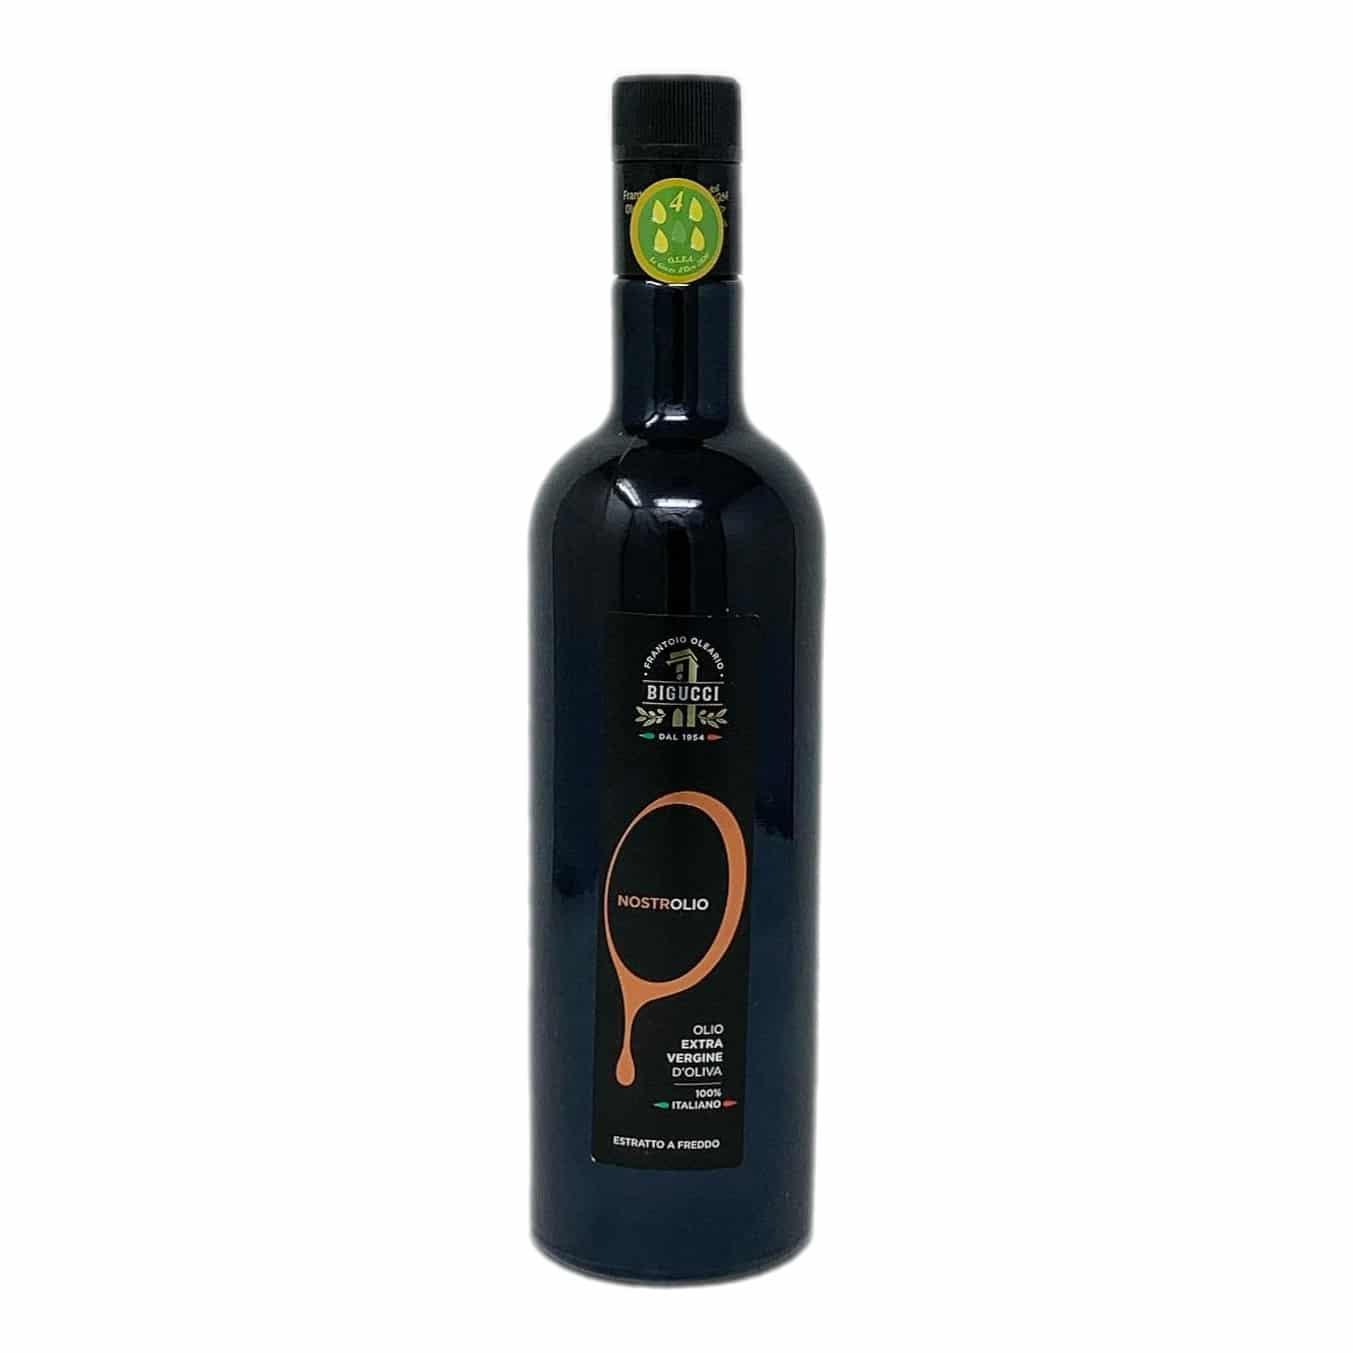 NOSTROLIO Olio Extravergine D'oliva Vetro 75 Cl BIGUCCI